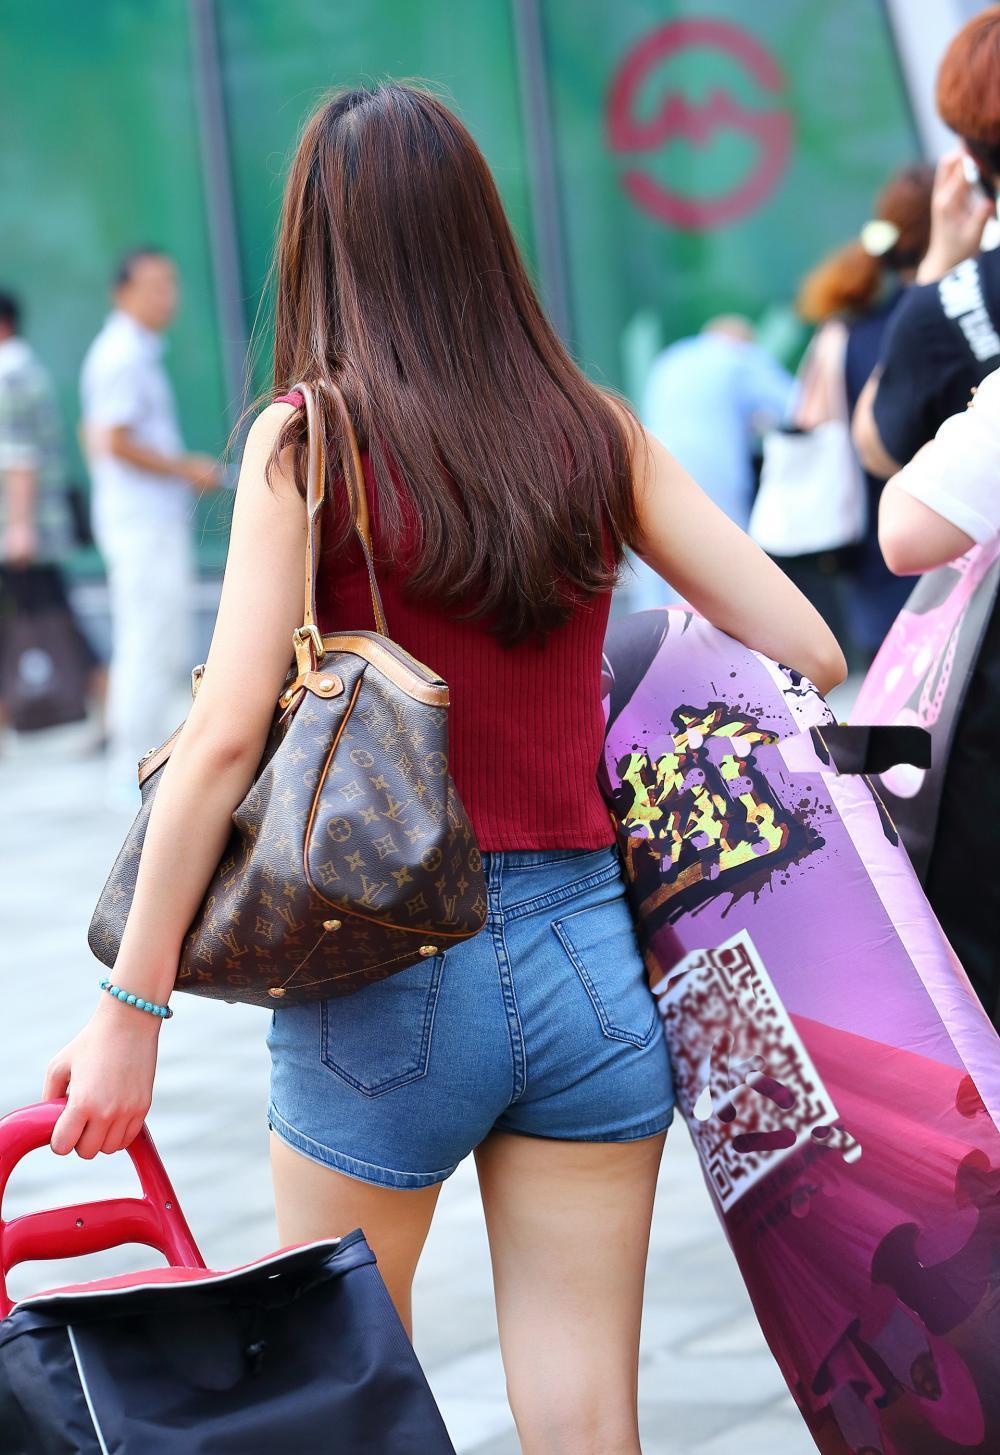 街拍: 纹身女生穿搭齐臀短裤, 要穿那么紧吗?图片